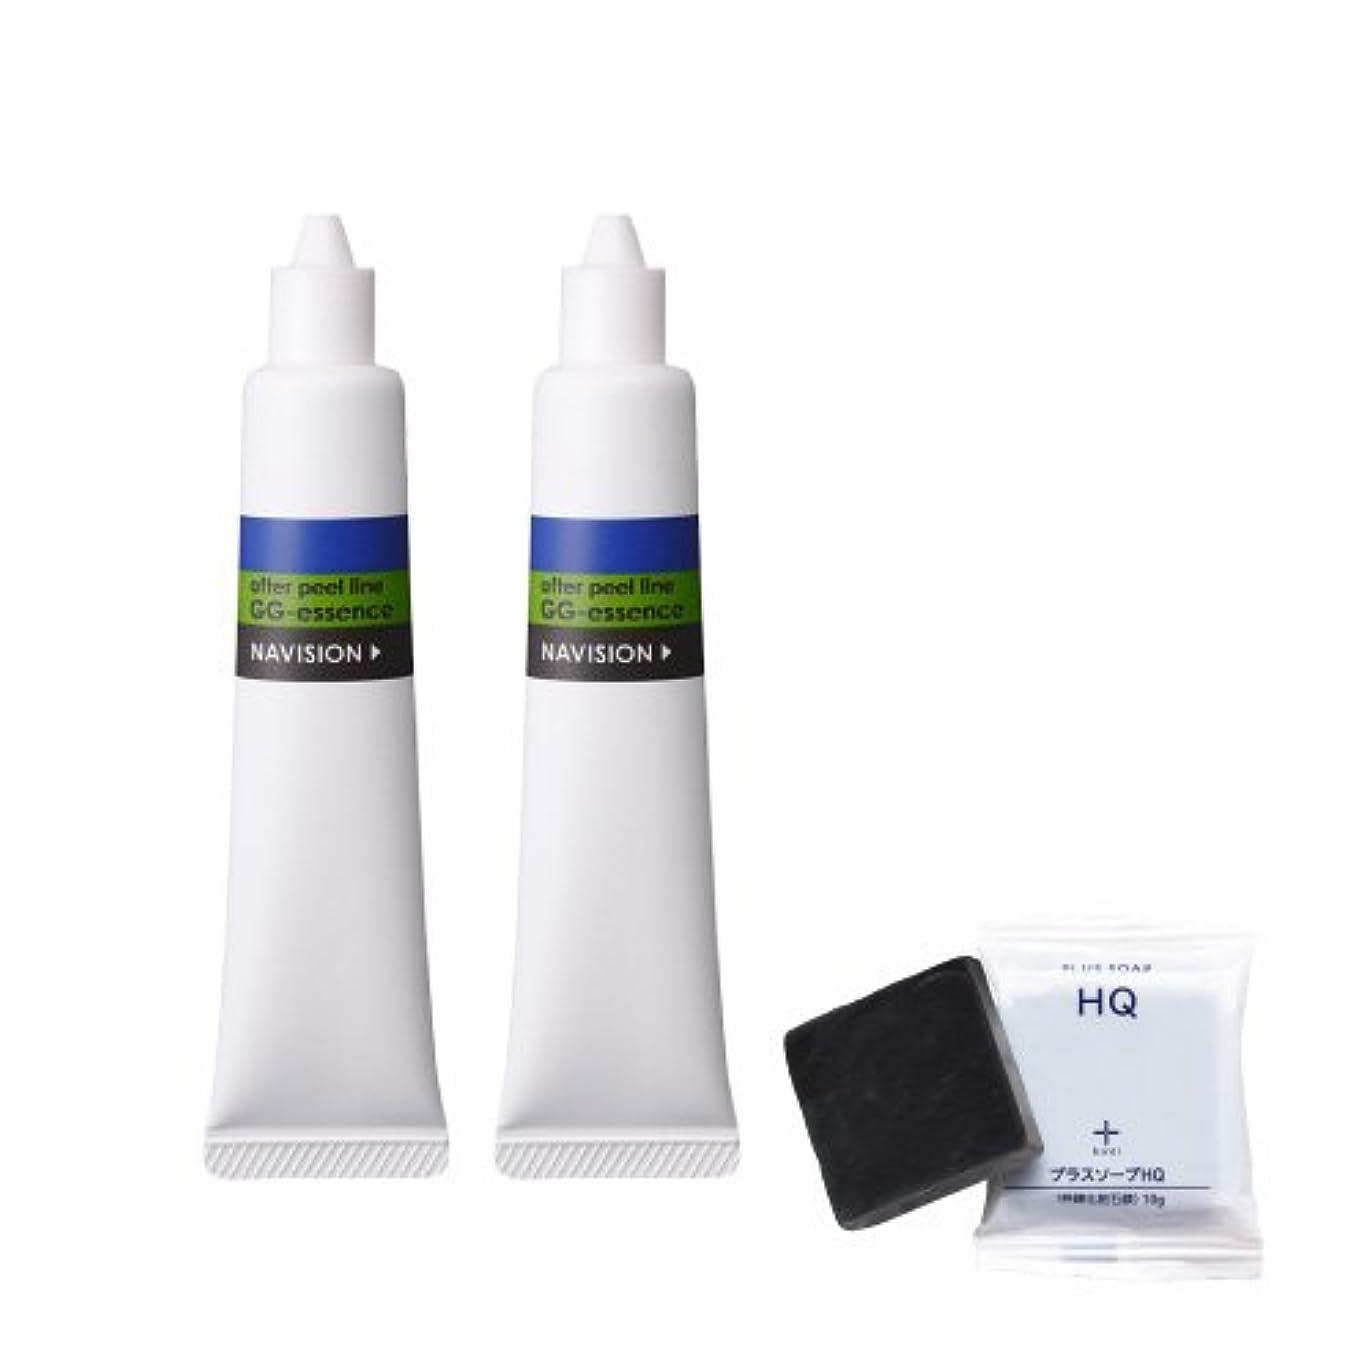 アグネスグレイ受益者最高ナビジョン GGエッセンス 美容液 2本 + プラスソープHQミニ